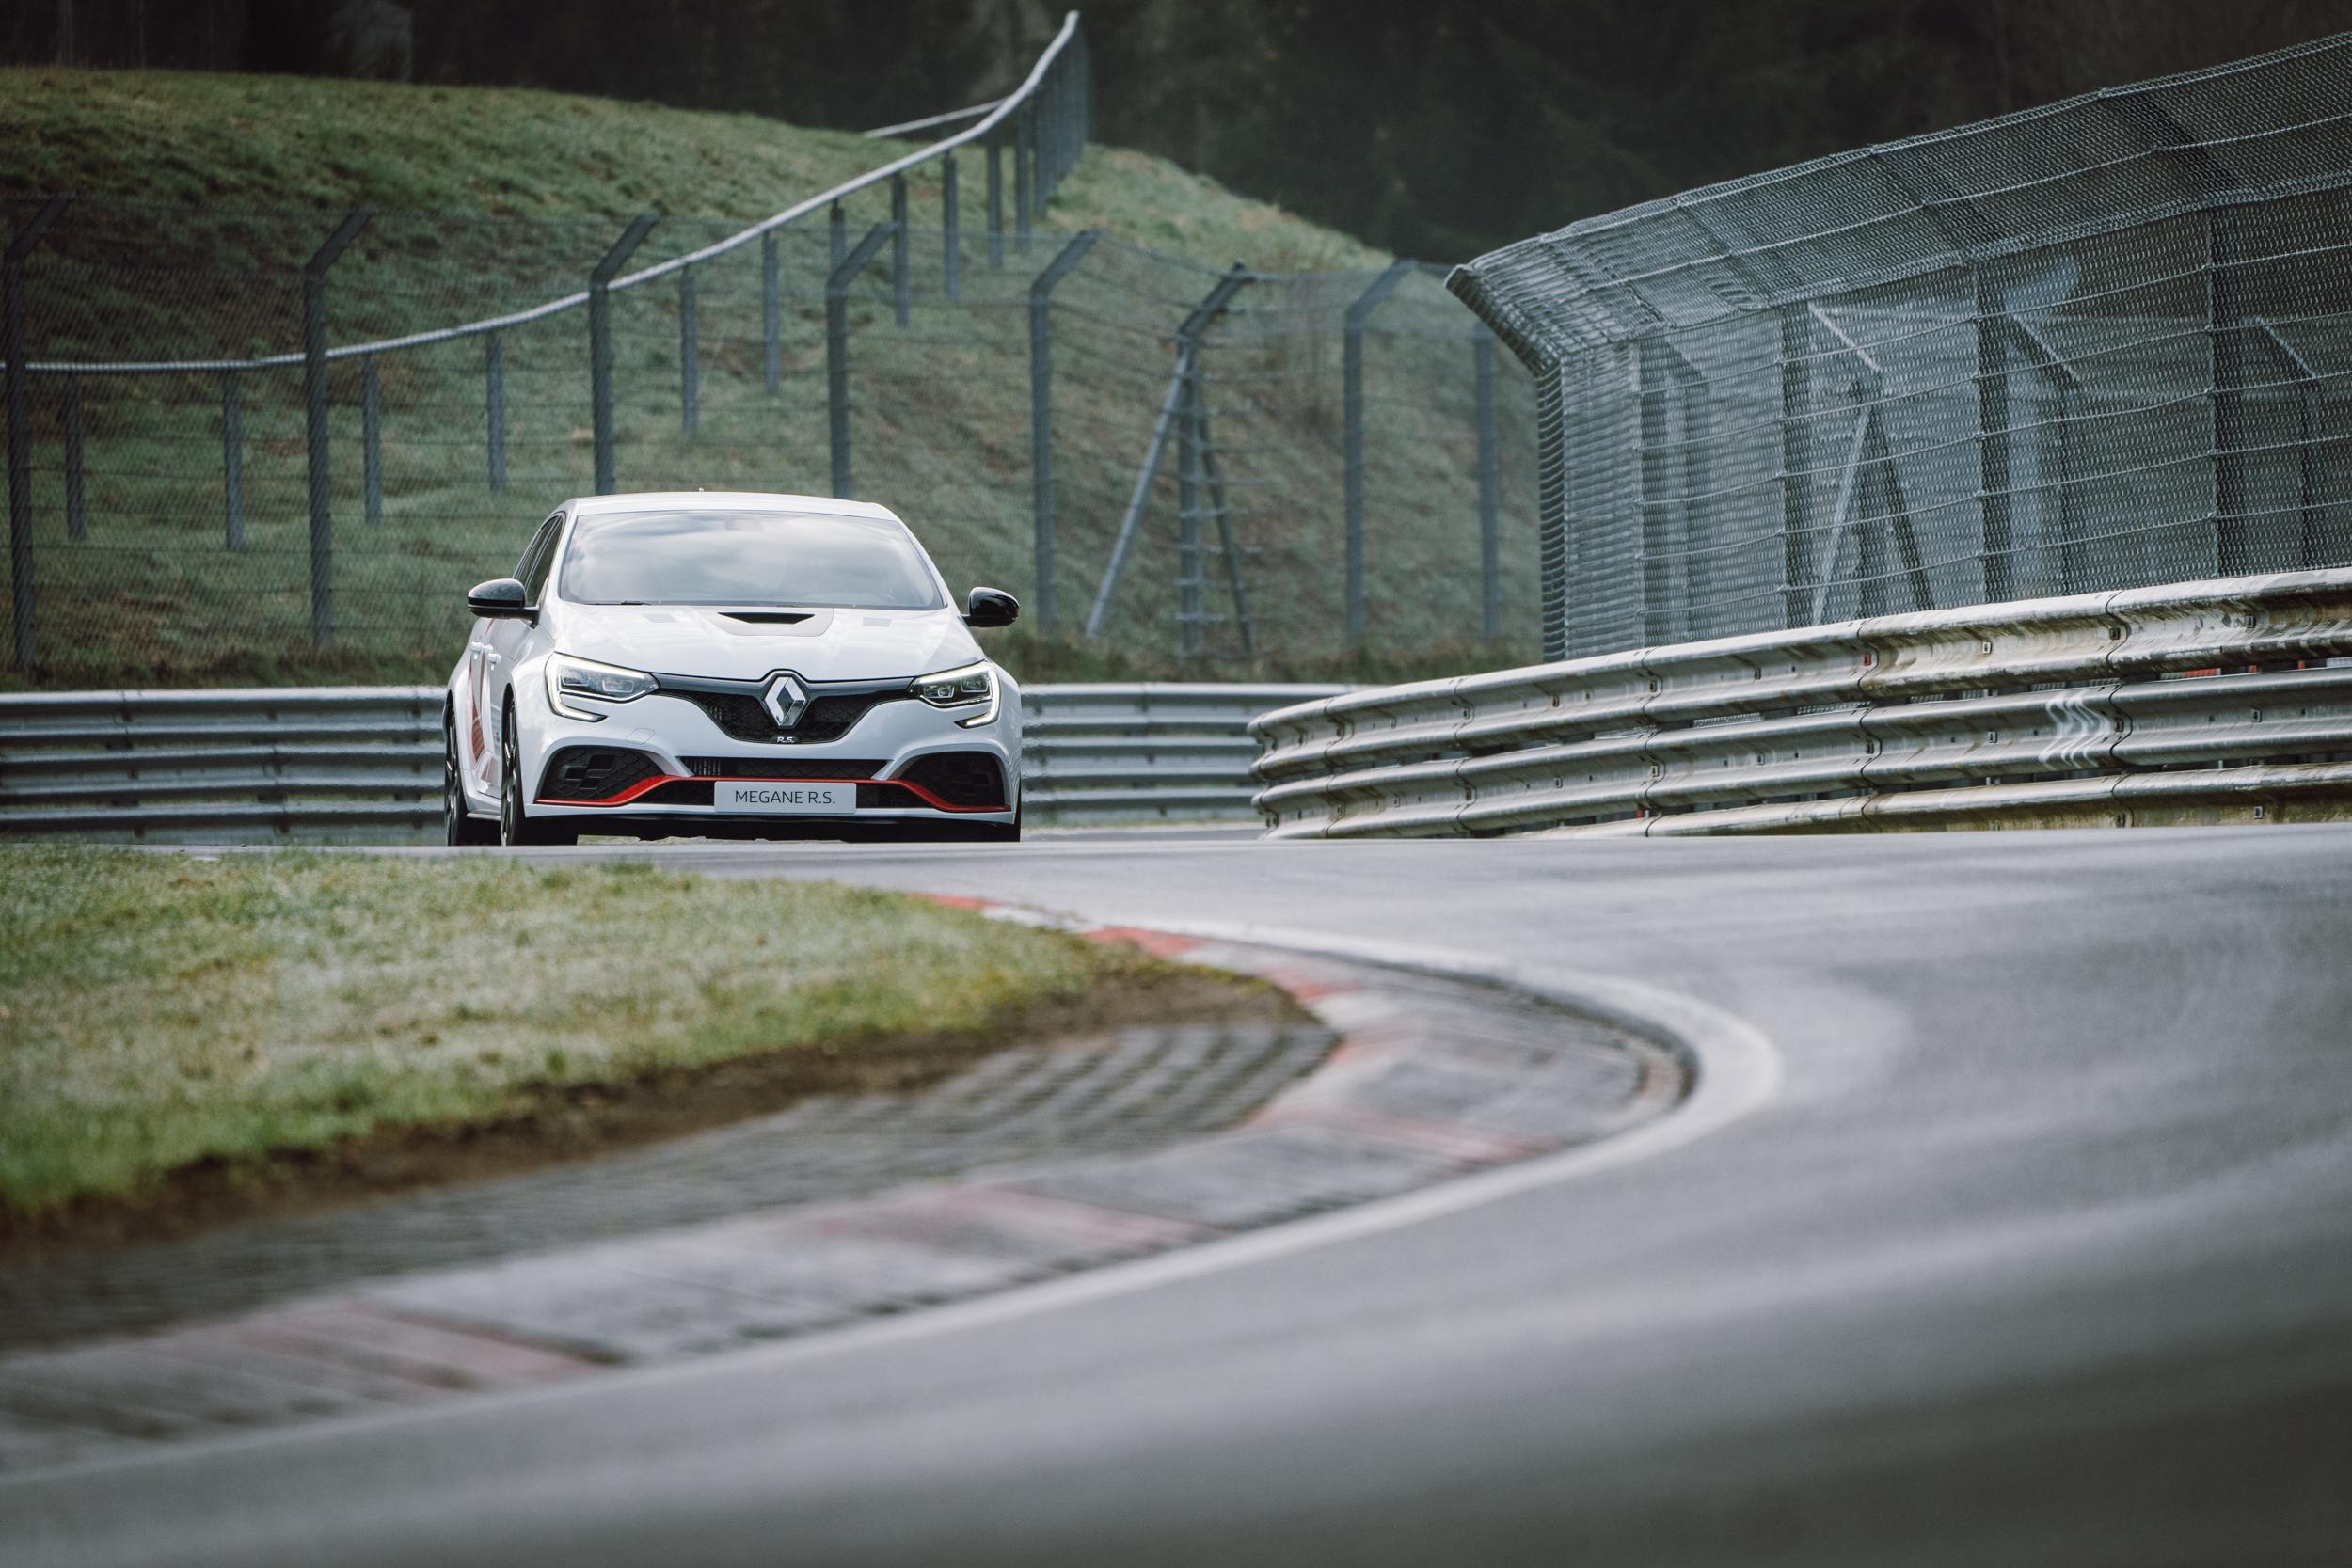 Renault Sport_Circuit Nurburgring_06-04-19_Florian Leger_SHARE & DARE_ HD_ N°-41.jpg